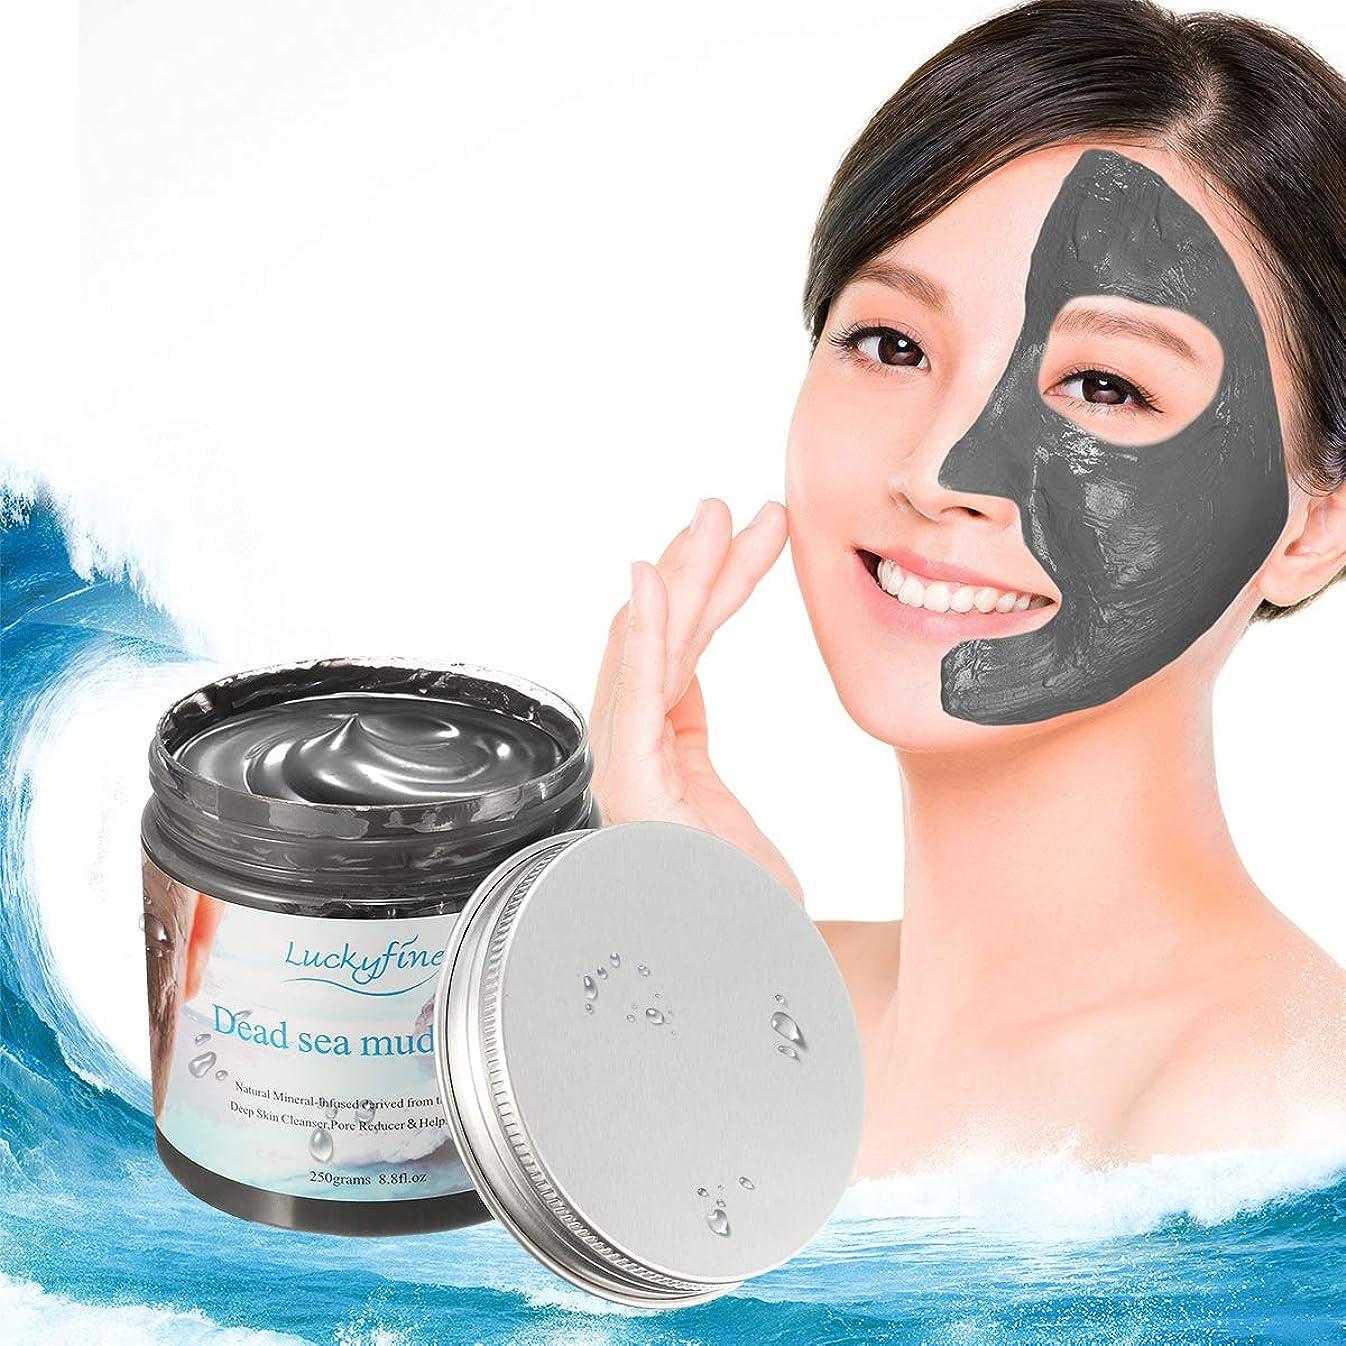 業界装備するやけど泥パック LuckyFine 泥マスク 死海 毛穴 角質 顔 保湿 シアバター お顔 全身 250g